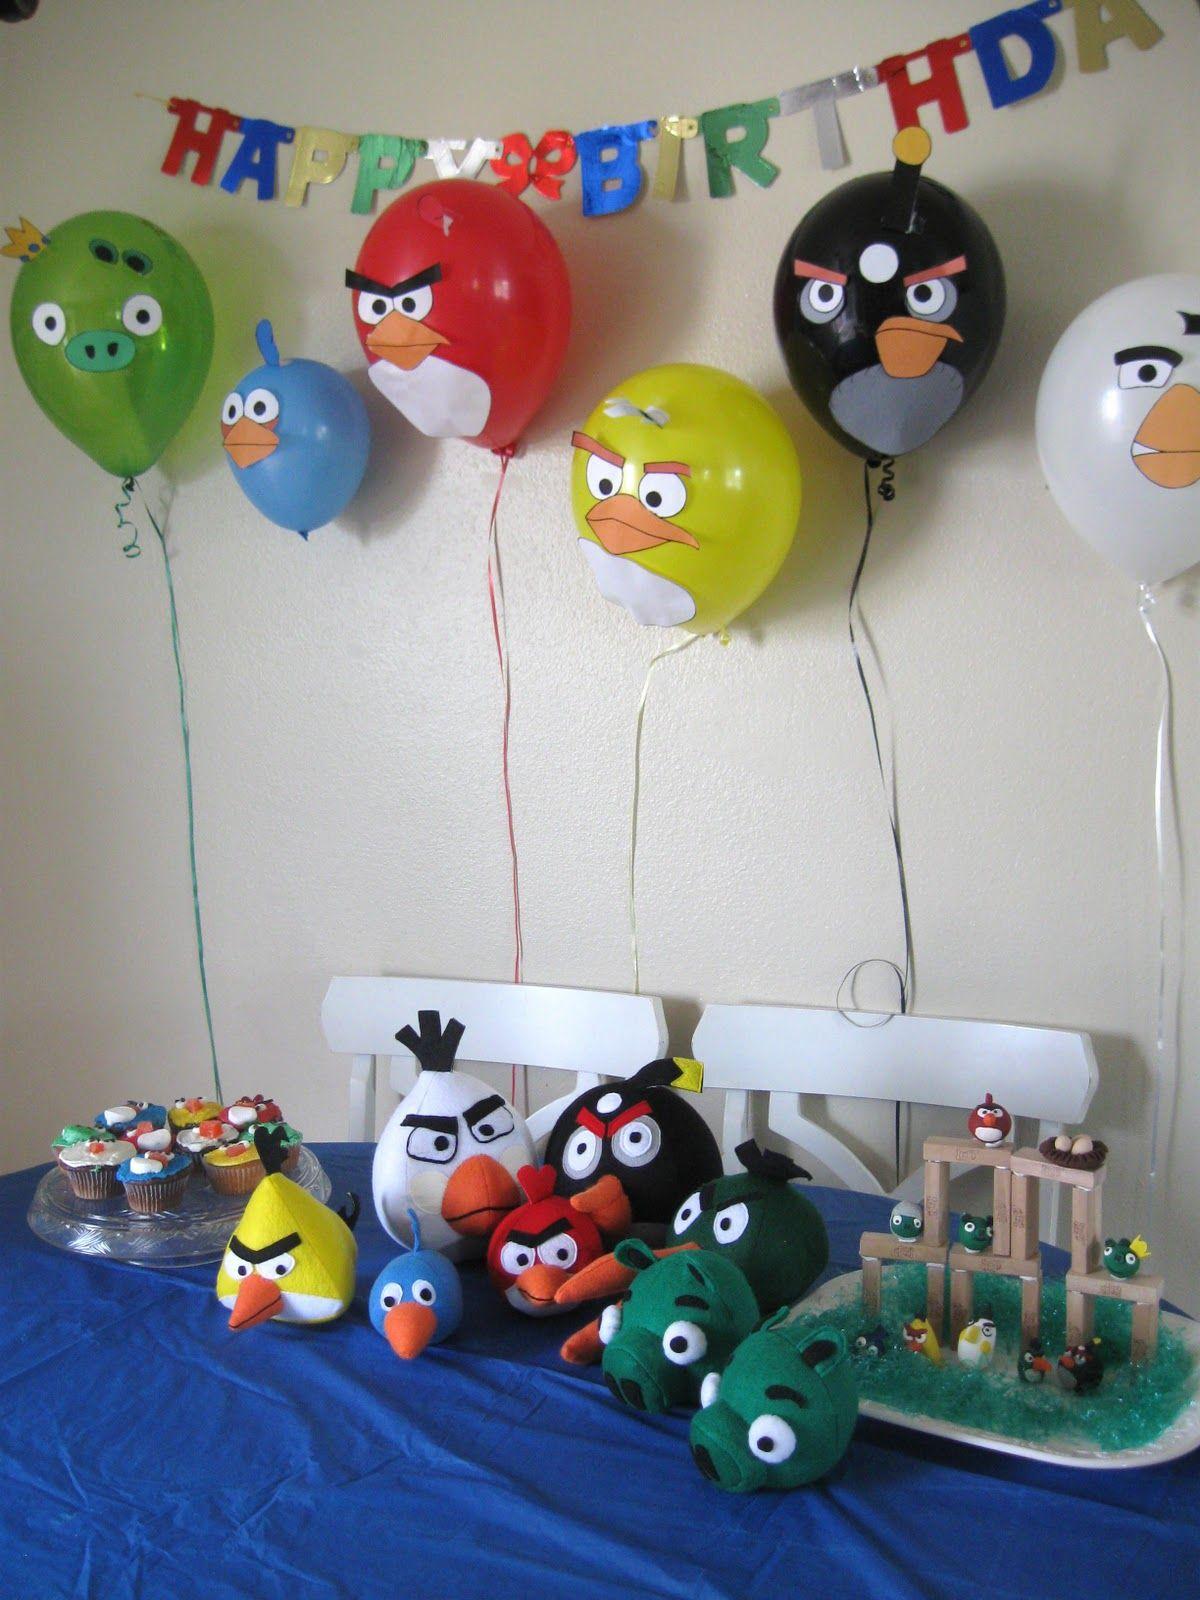 Angry Birds Balloons Jacks next birthday party idea Ideas for